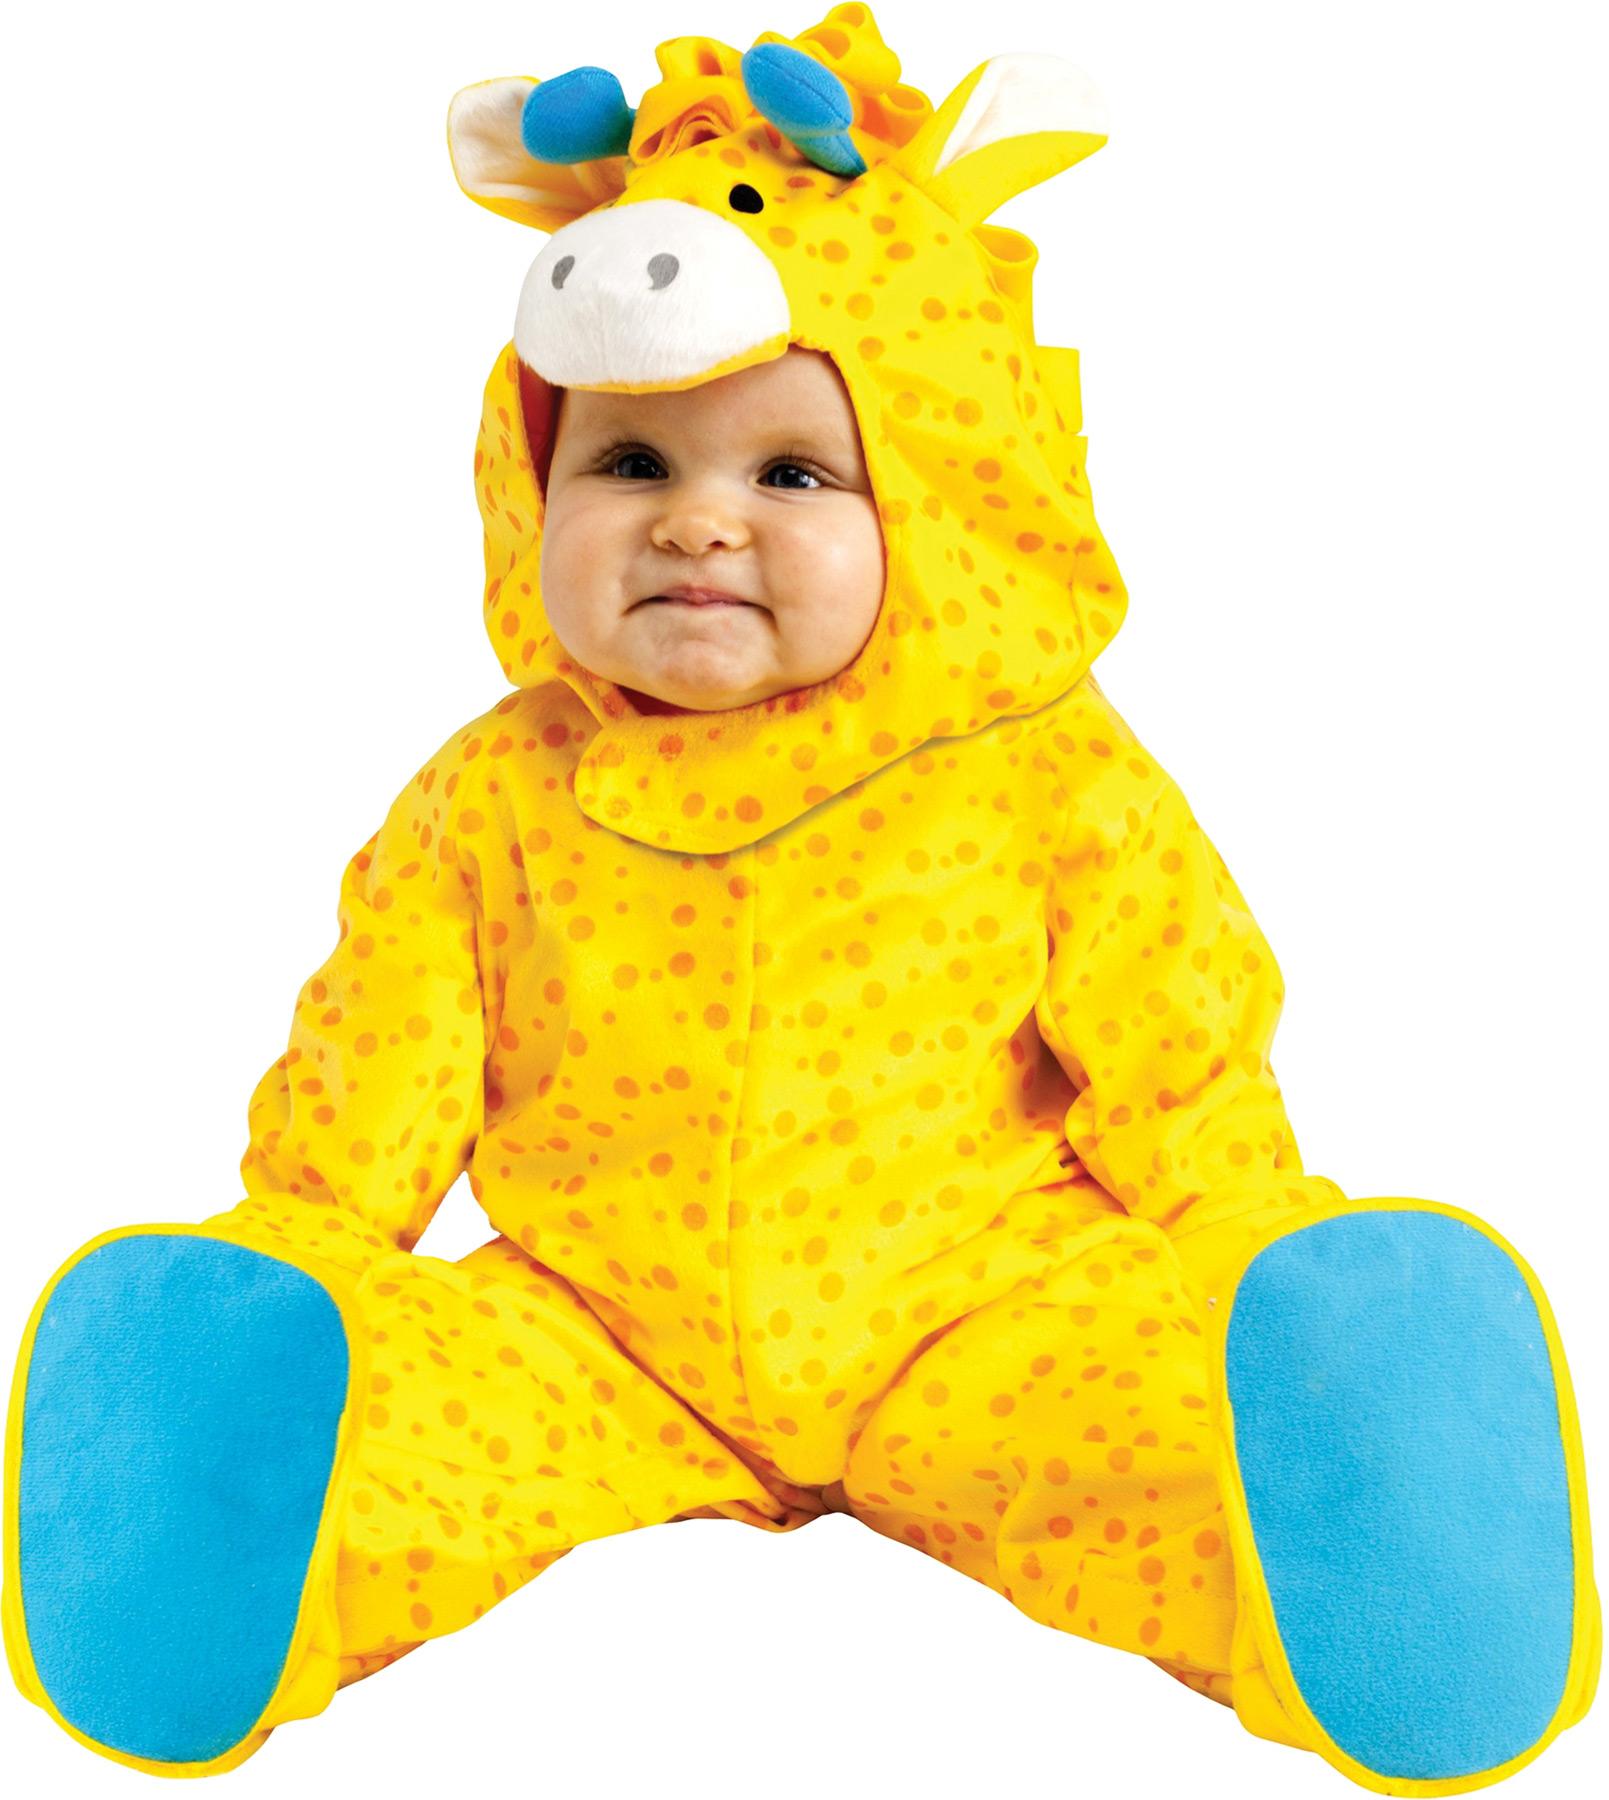 GIRAFFE INFANT 6-12 MO